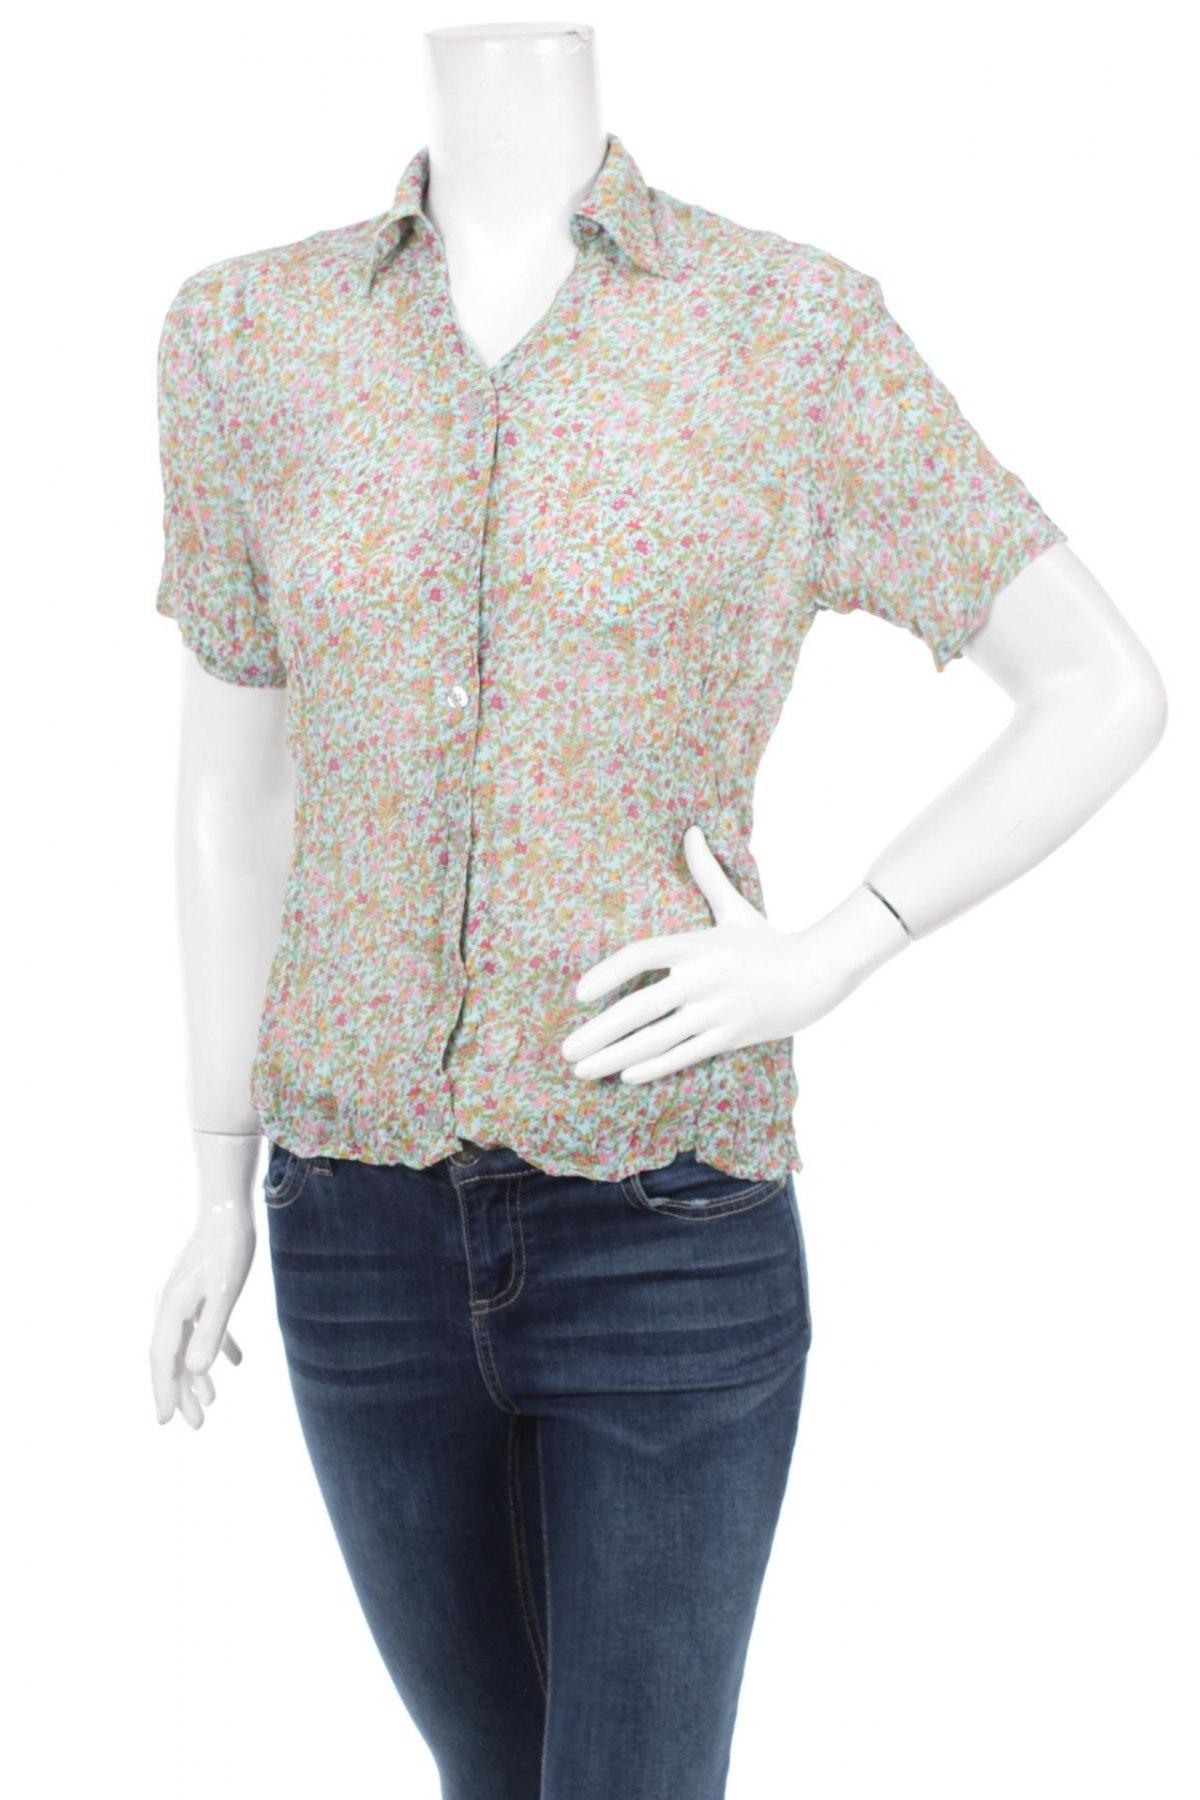 Γυναικείο πουκάμισο Harmony, Μέγεθος S, Χρώμα Πολύχρωμο, 100% πολυεστέρας, Τιμή 12,84€